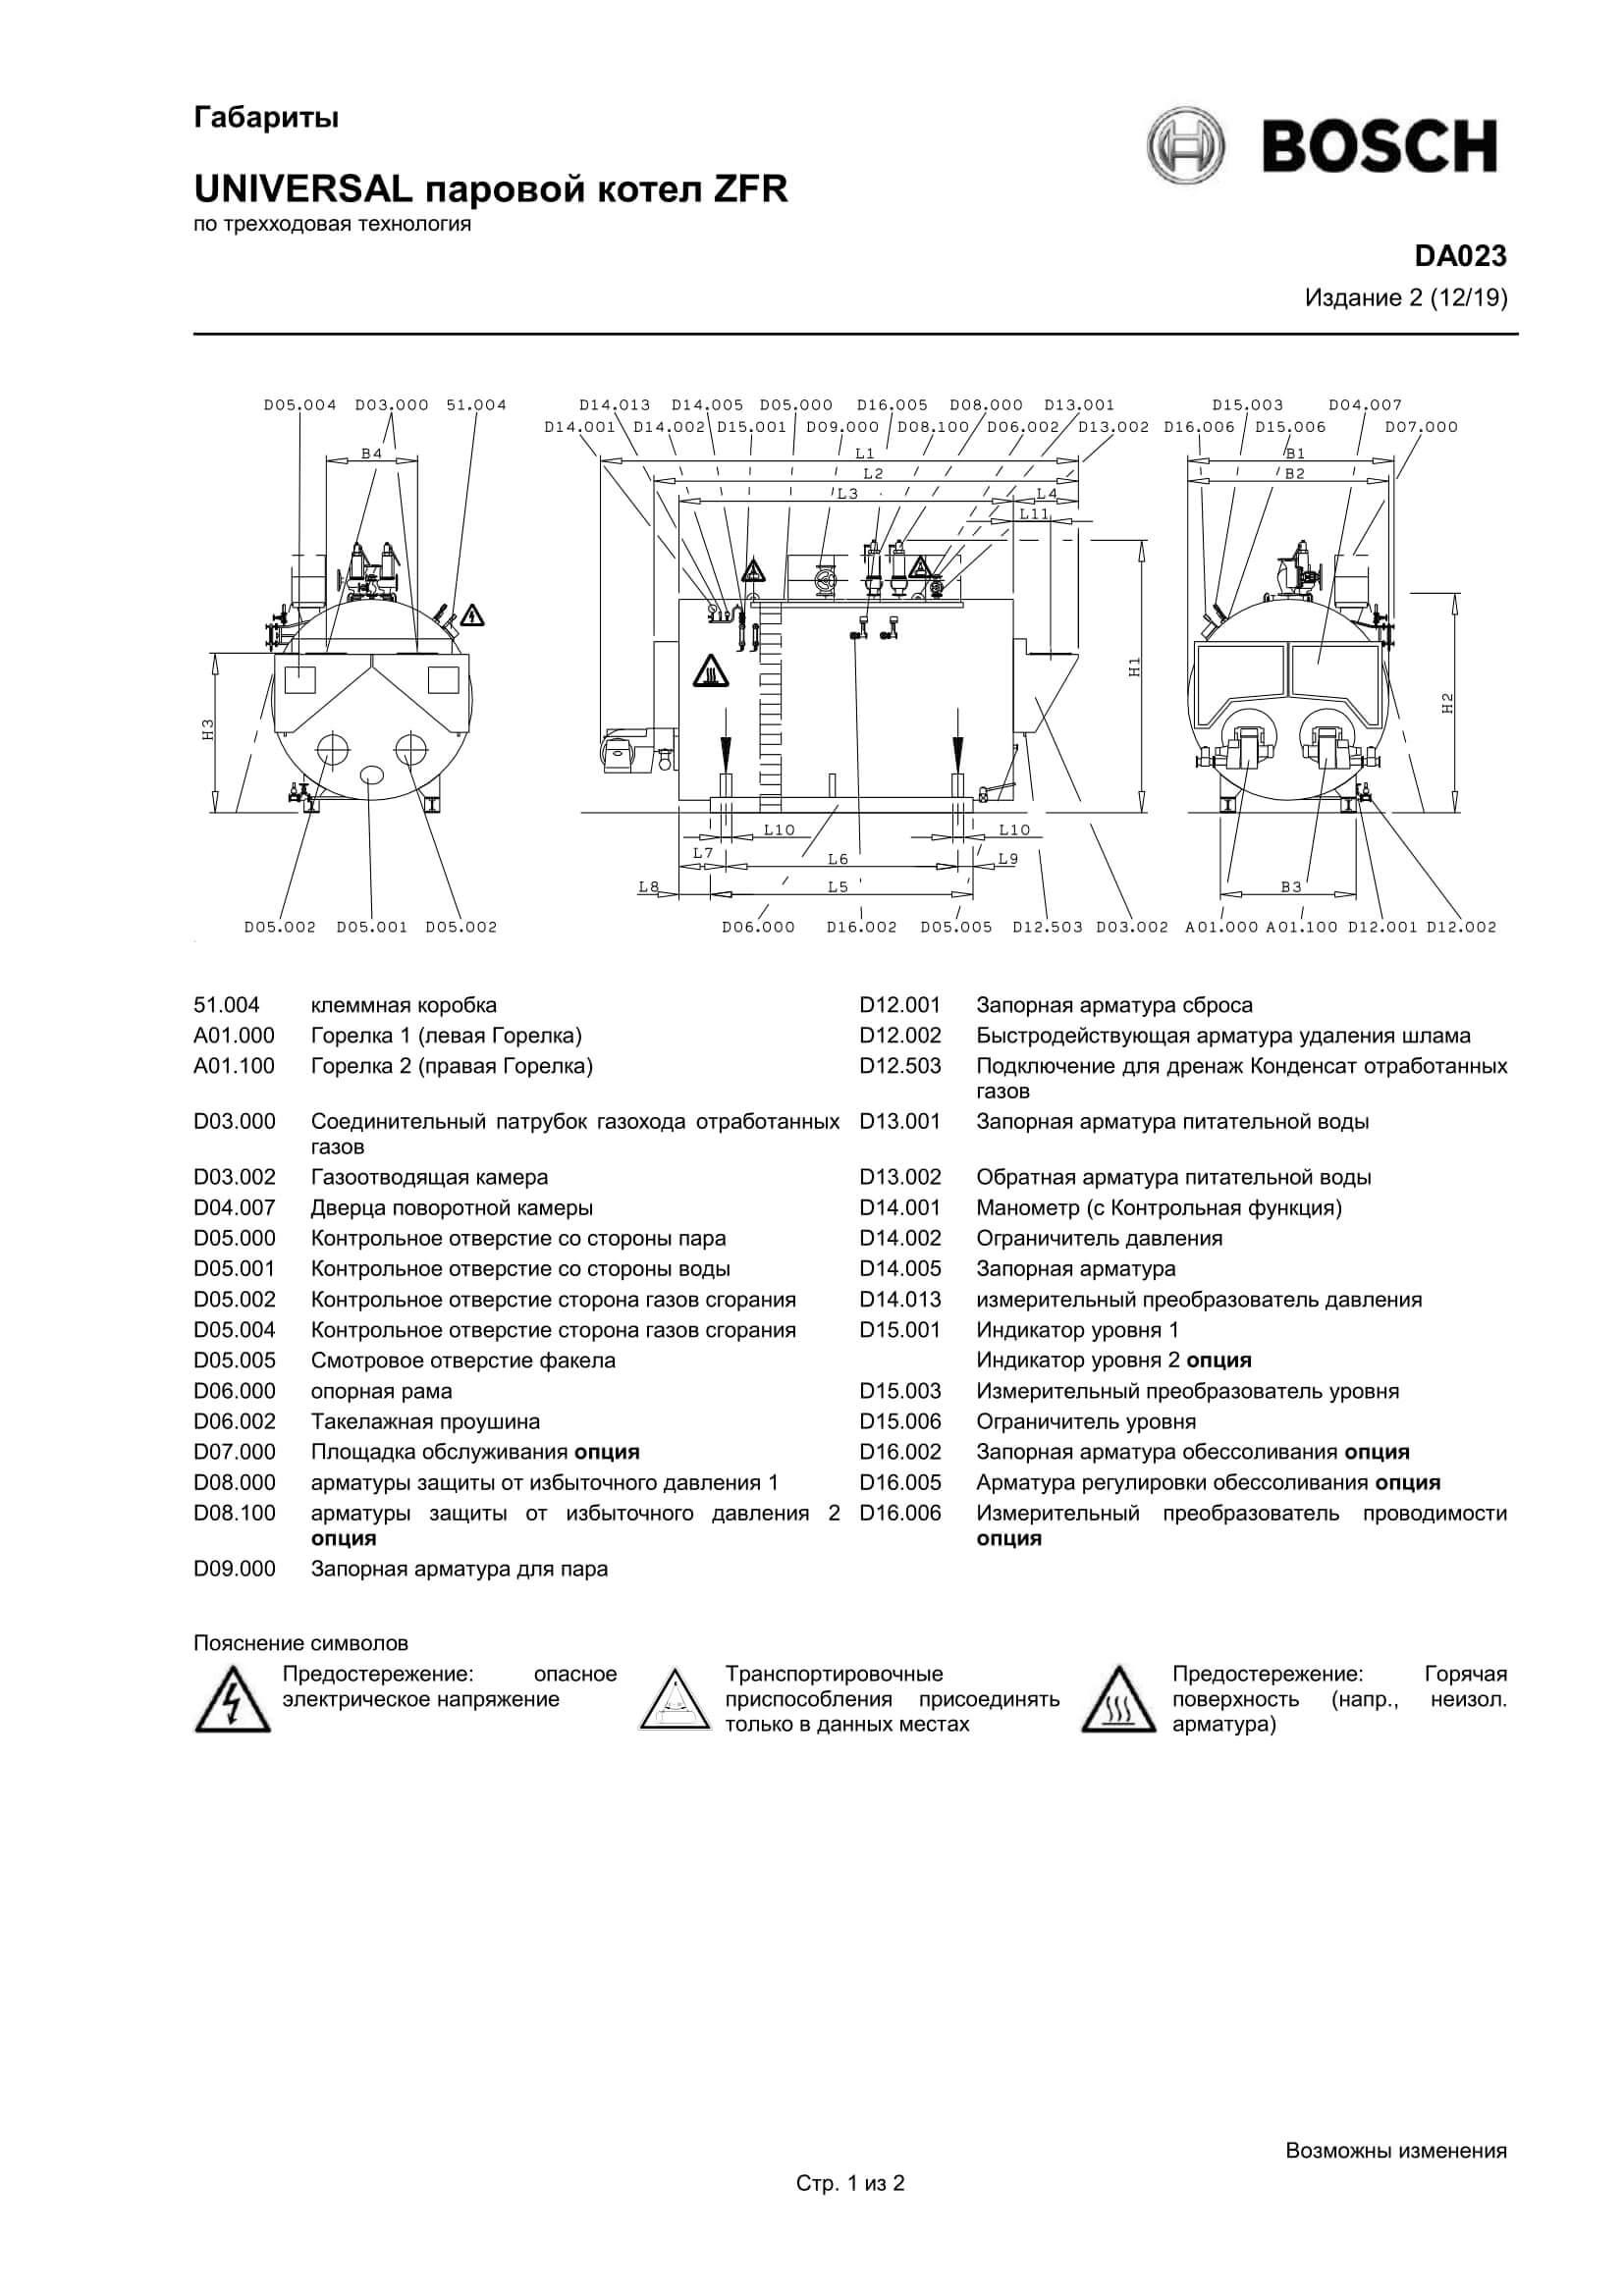 Фотография Габариты комбинированного котла дизель/газ UNIVERSAL ZFR, ZFR-X